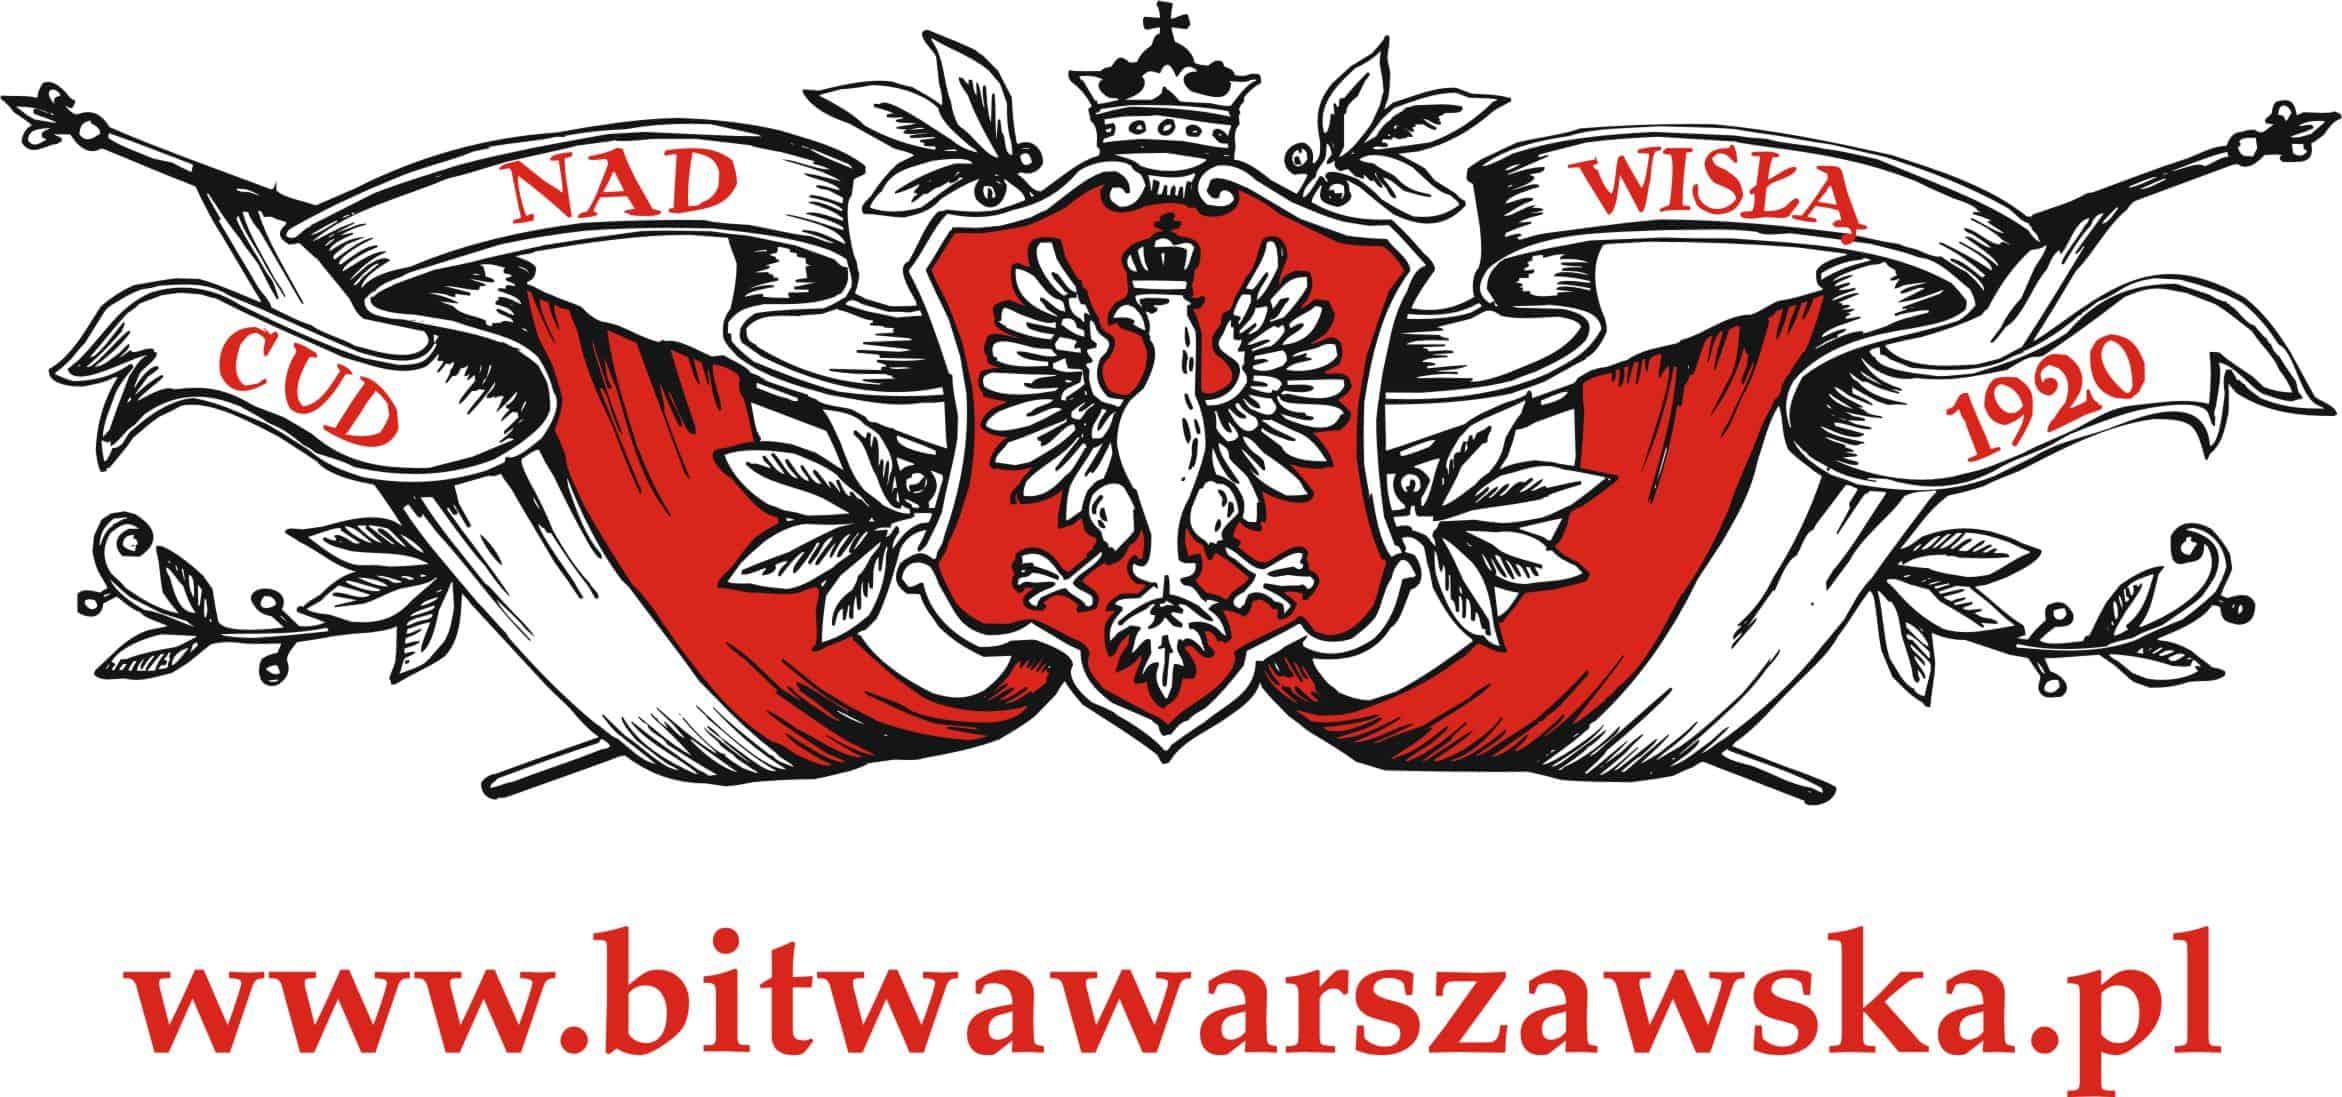 13-logo_cud_nad_wisla_z_www